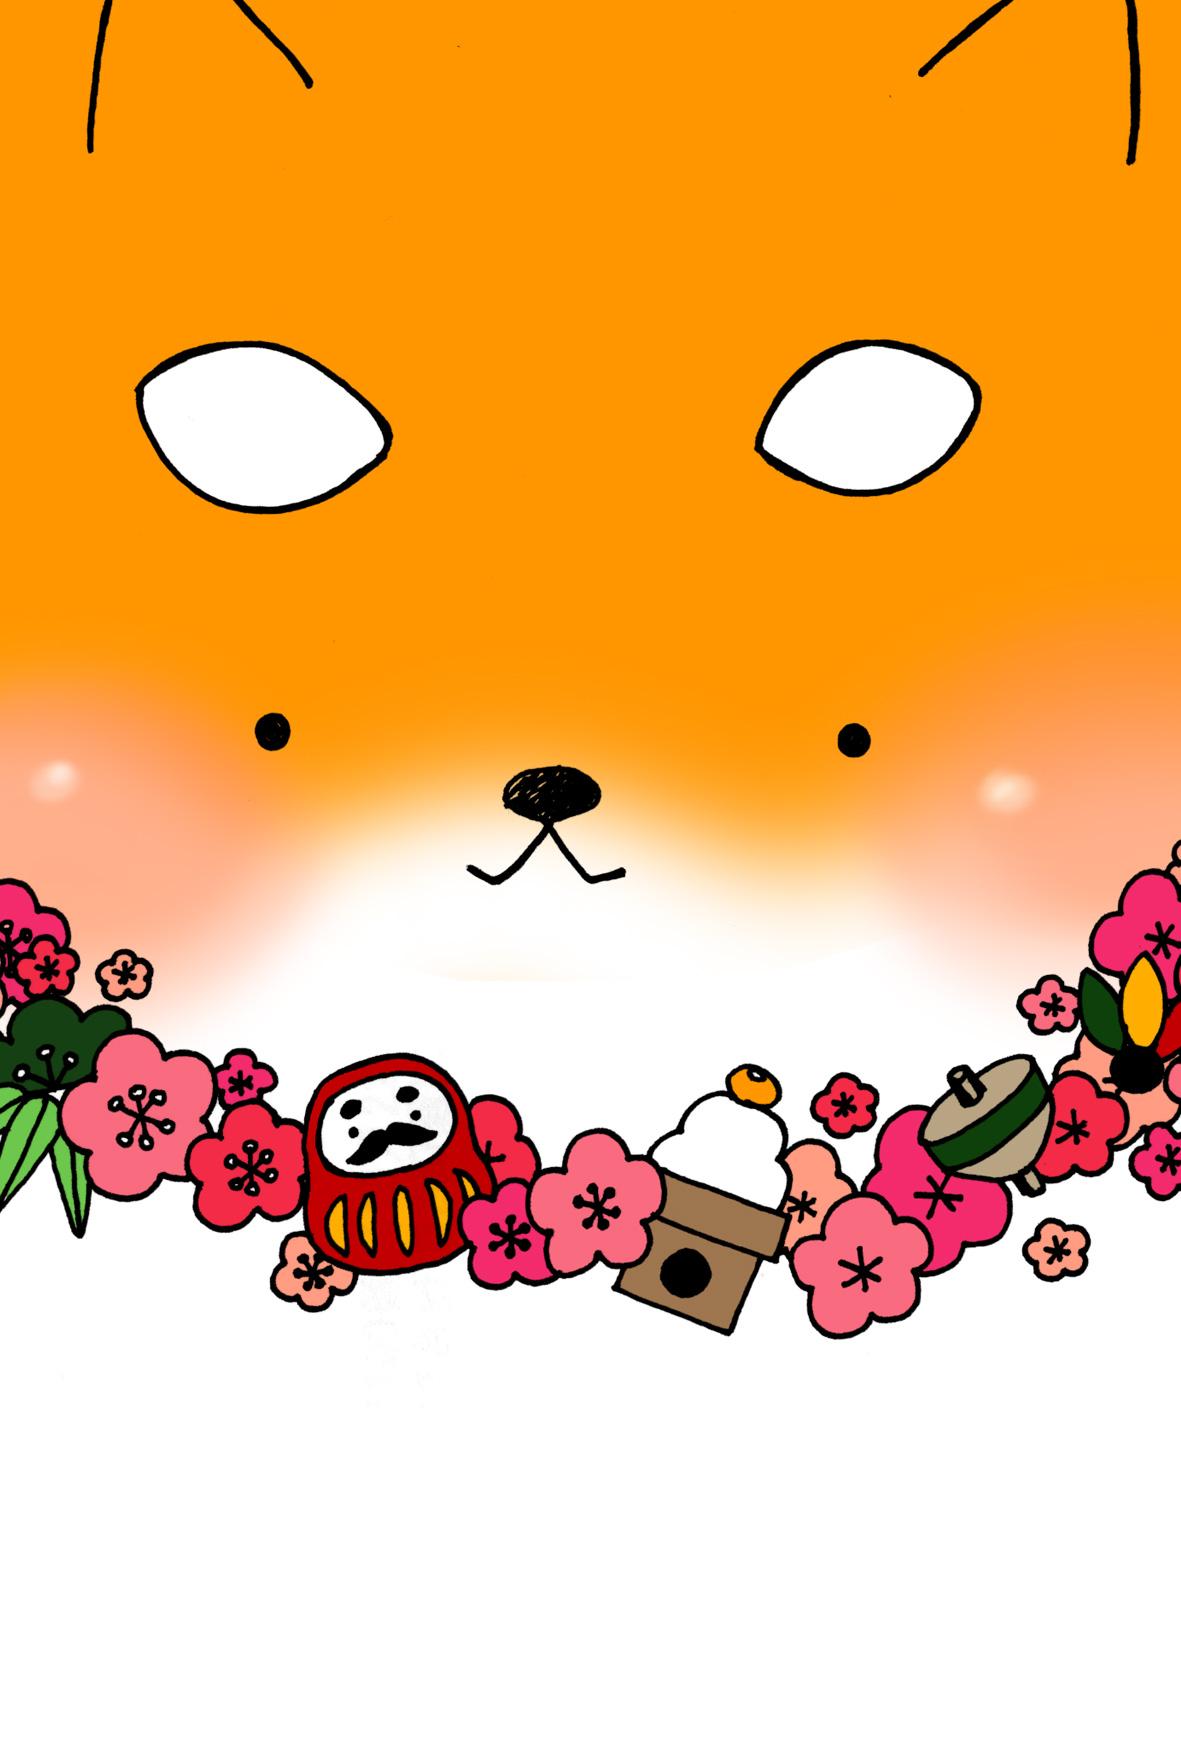 可愛い系戌年年賀状】柴犬とお正月モチーフ花首輪